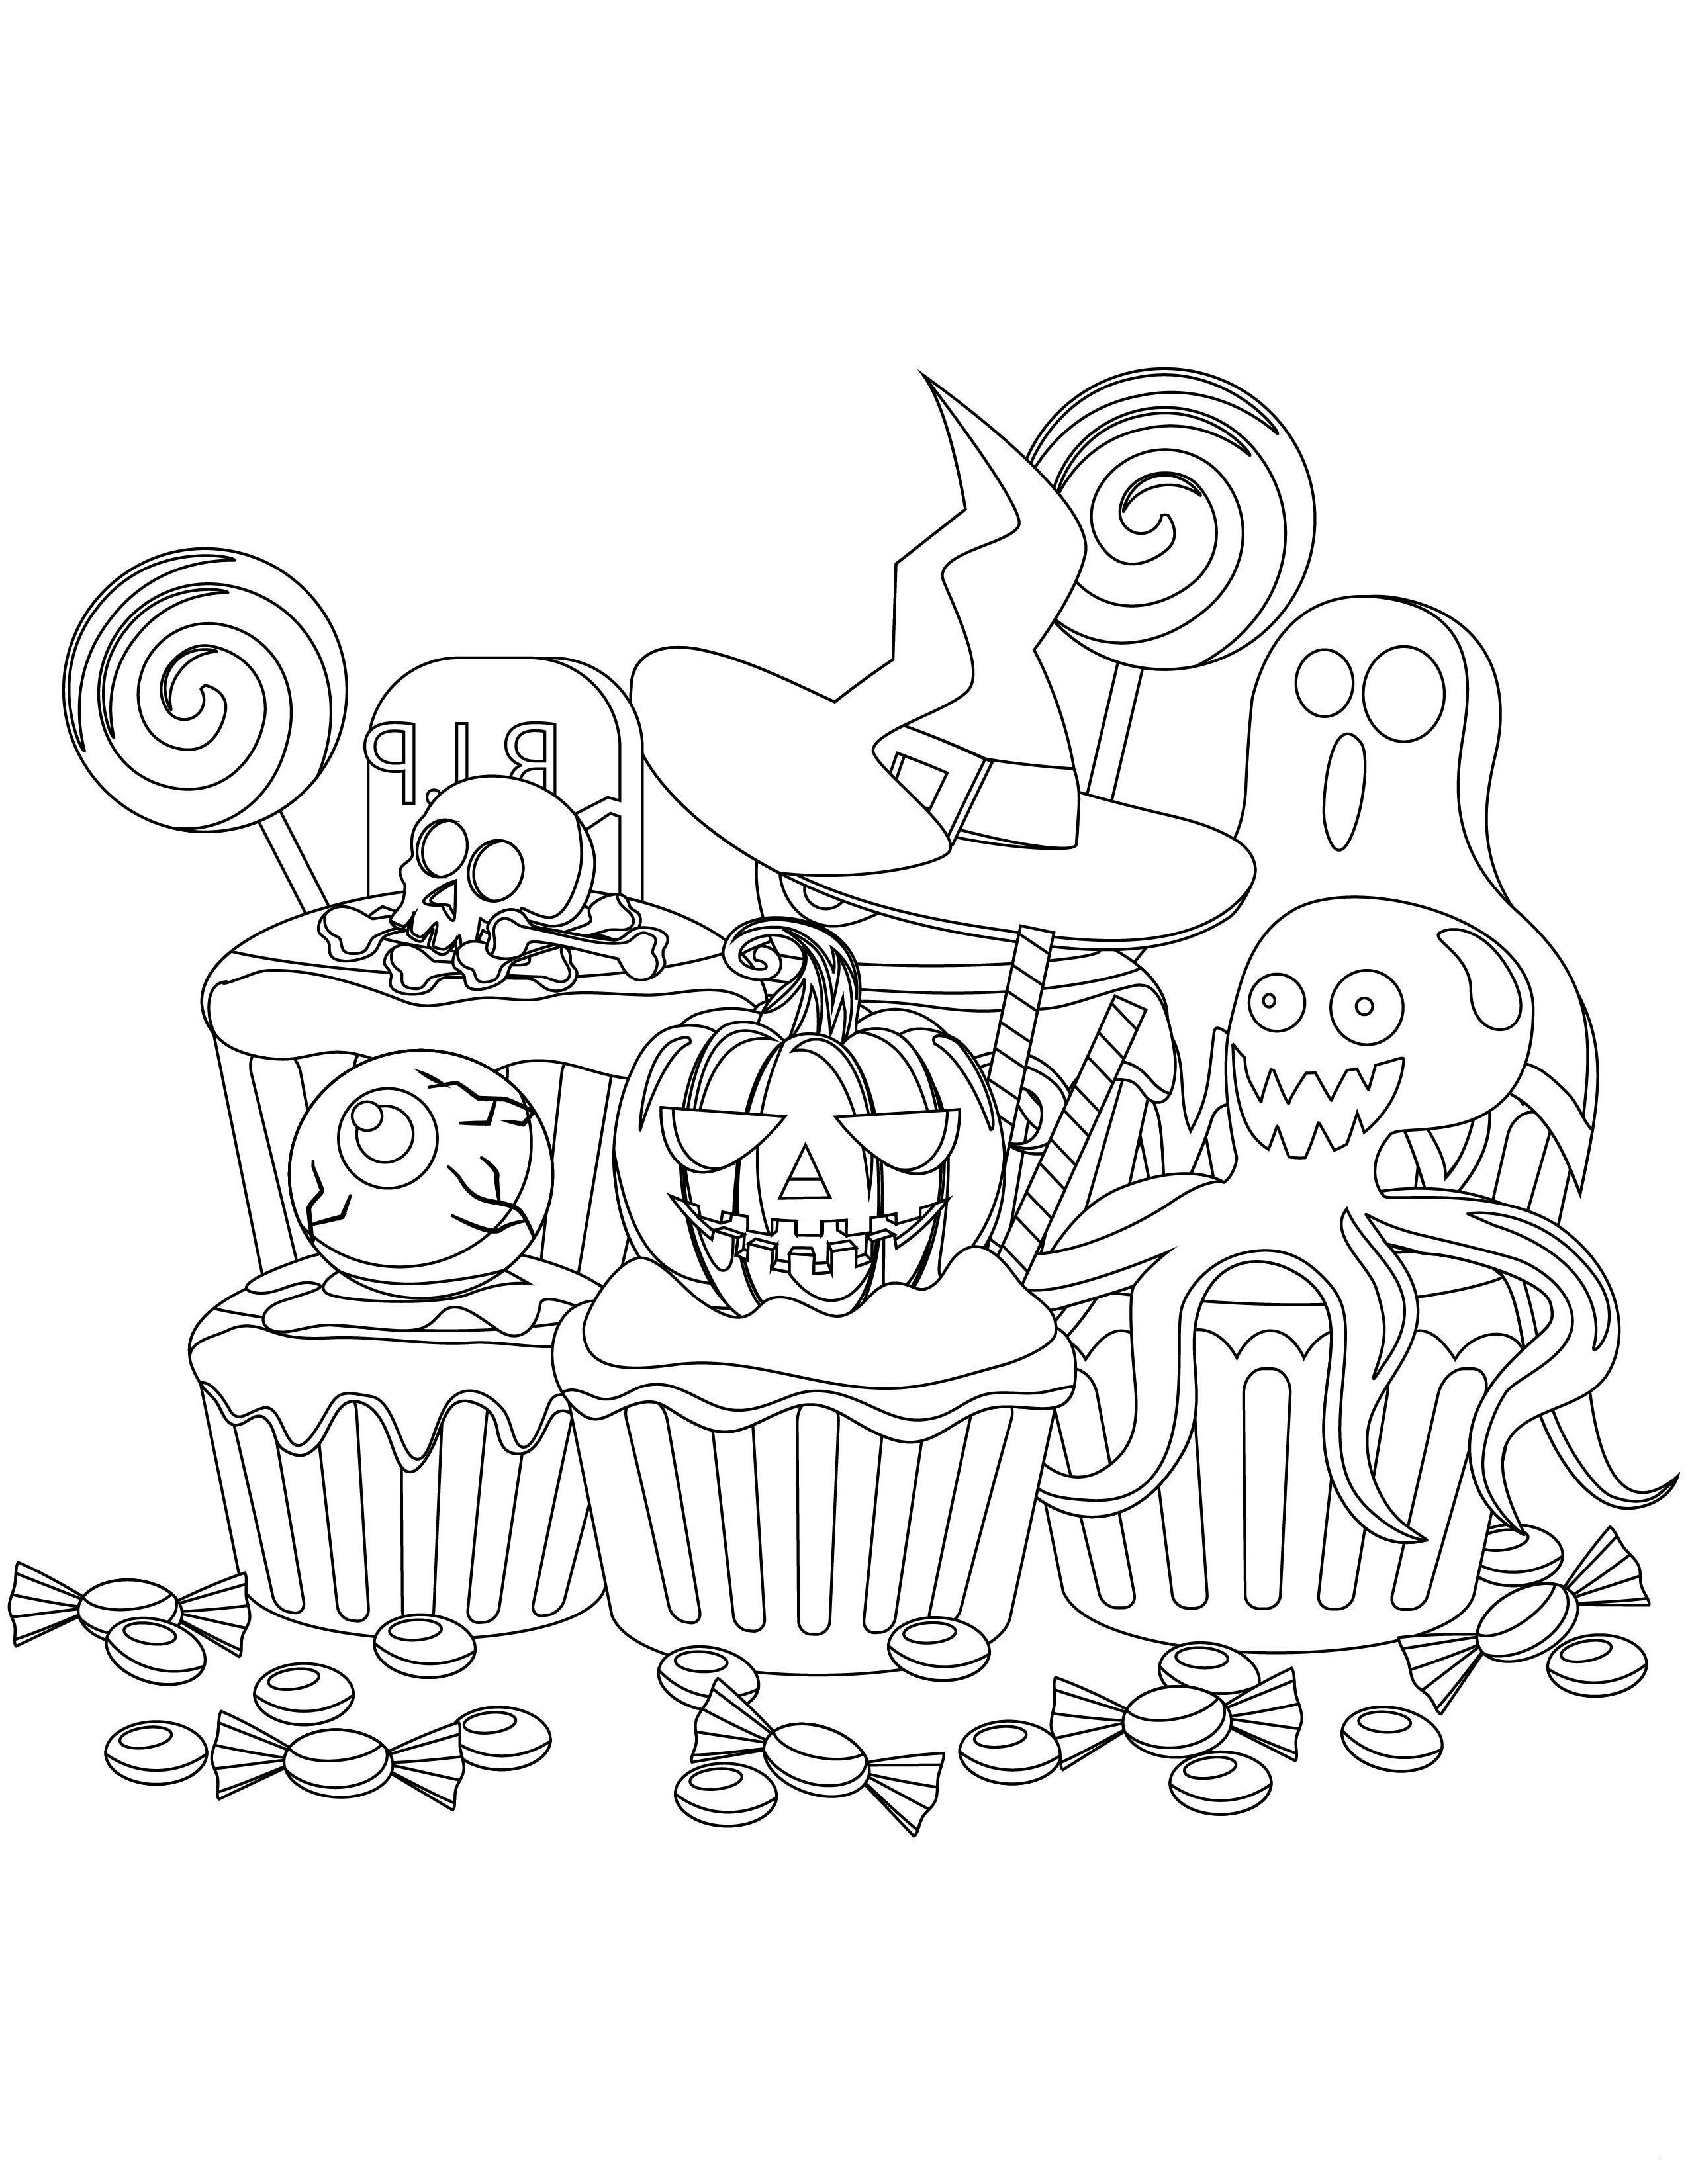 Ausmalbild Mandala Eule Frisch 23 Einzigartig Eule Ausmalen – Malvorlagen Ideen Das Bild